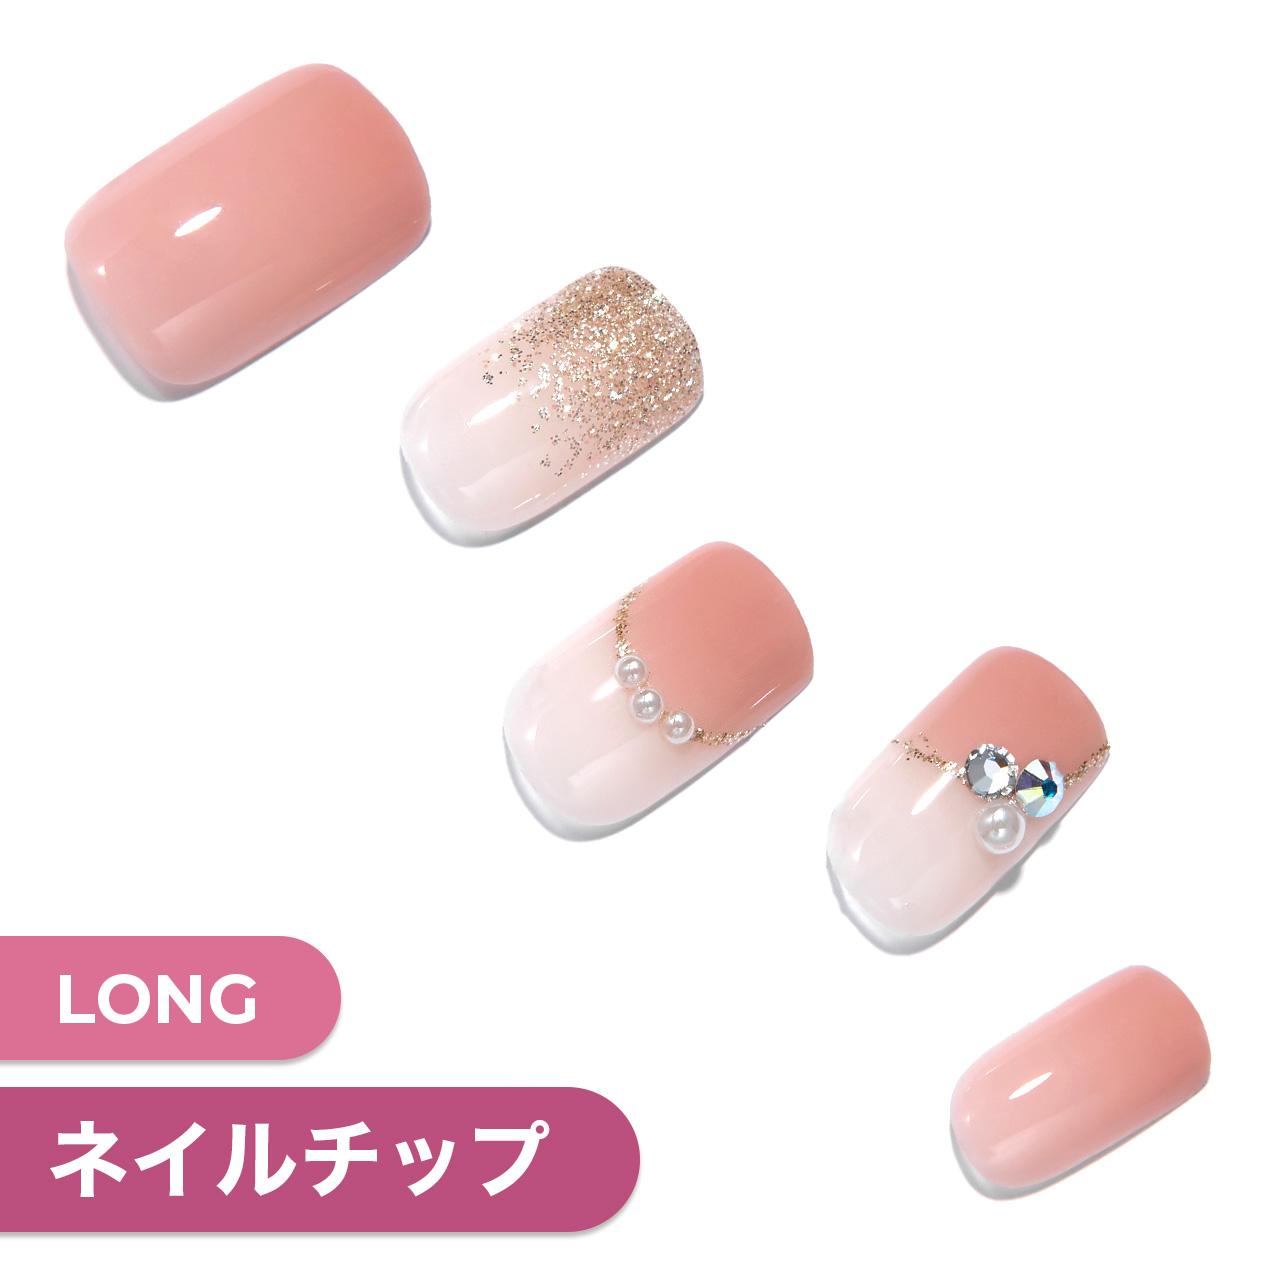 【Soft Coral】ダッシングディバマジックプレス